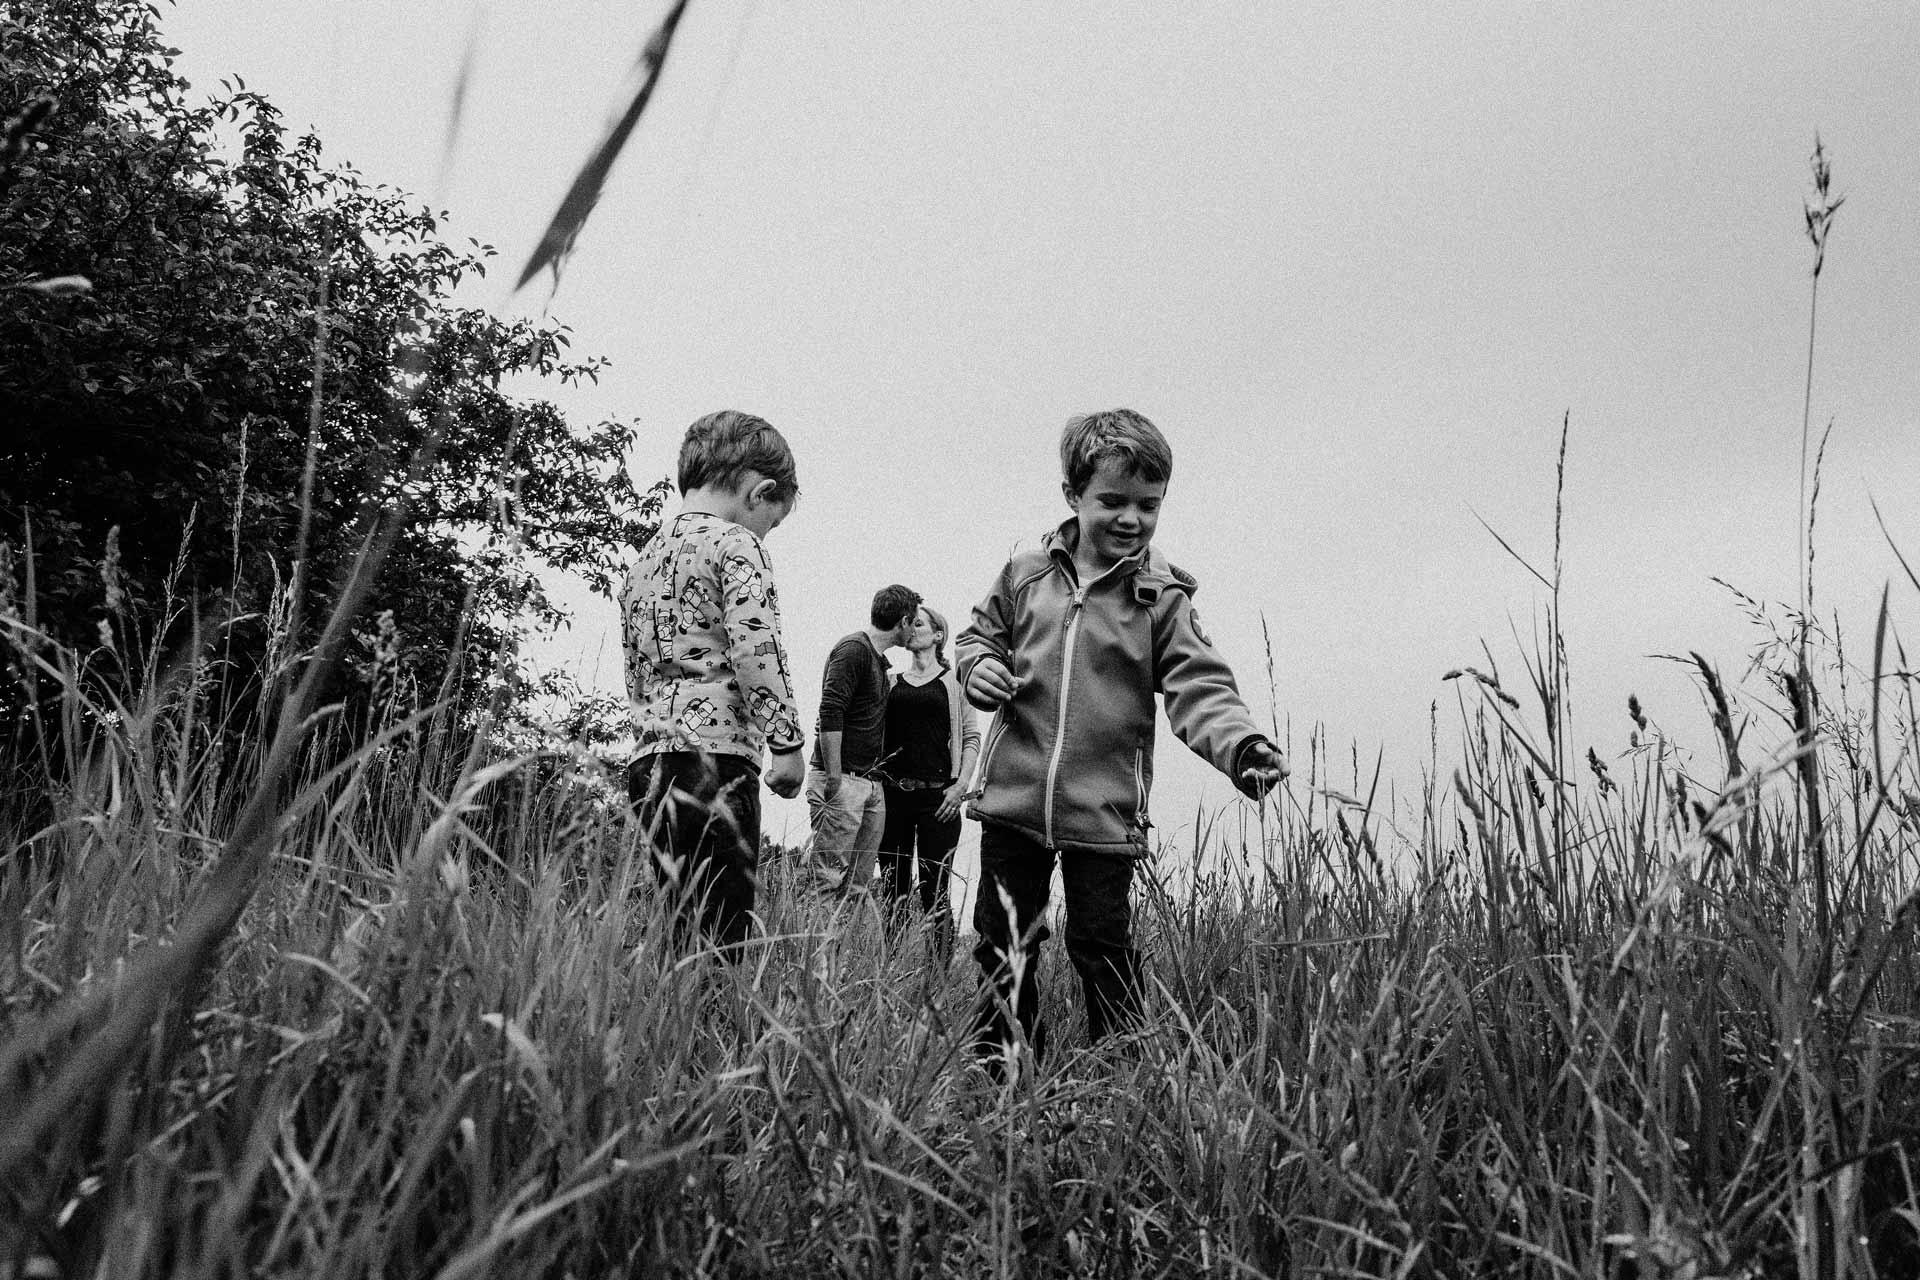 familienfotos-siekermann-muenchen-05-2016(42von263).jpg